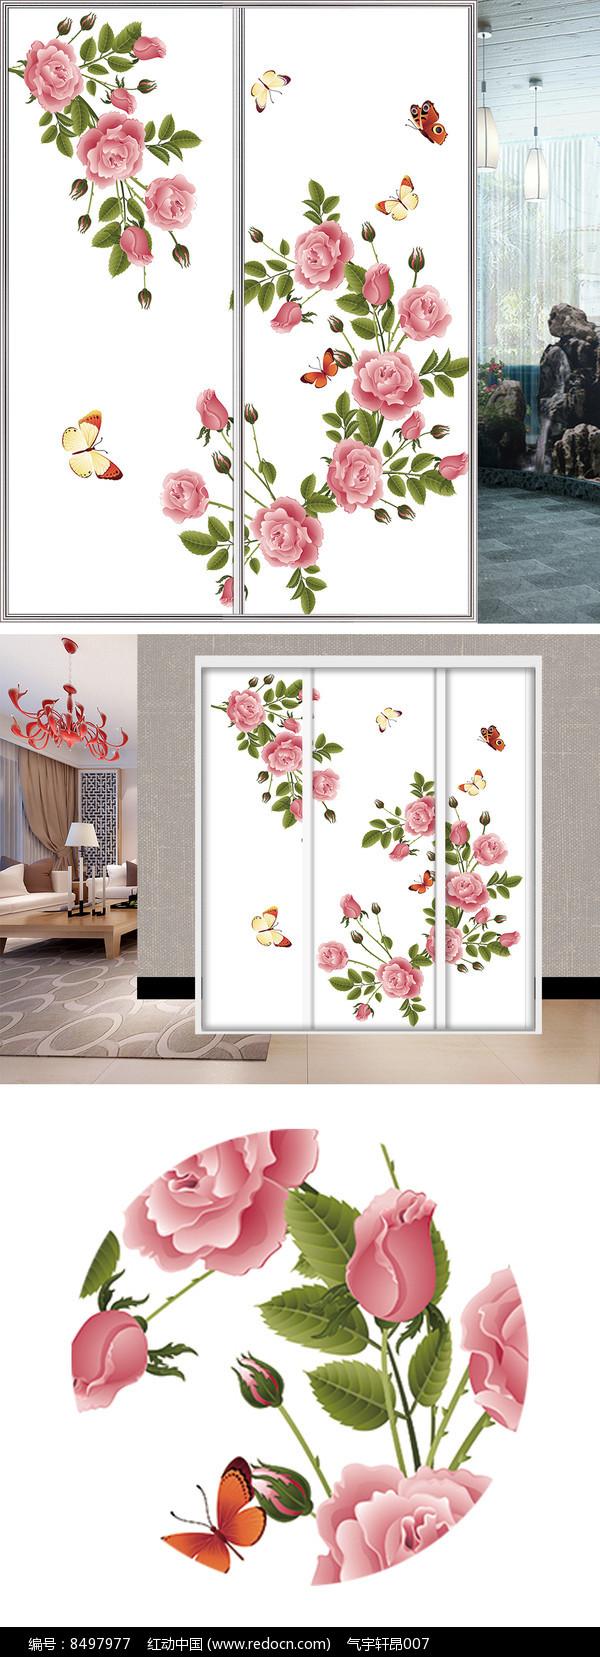 玫瑰蝴蝶衣柜移门图片背景图片